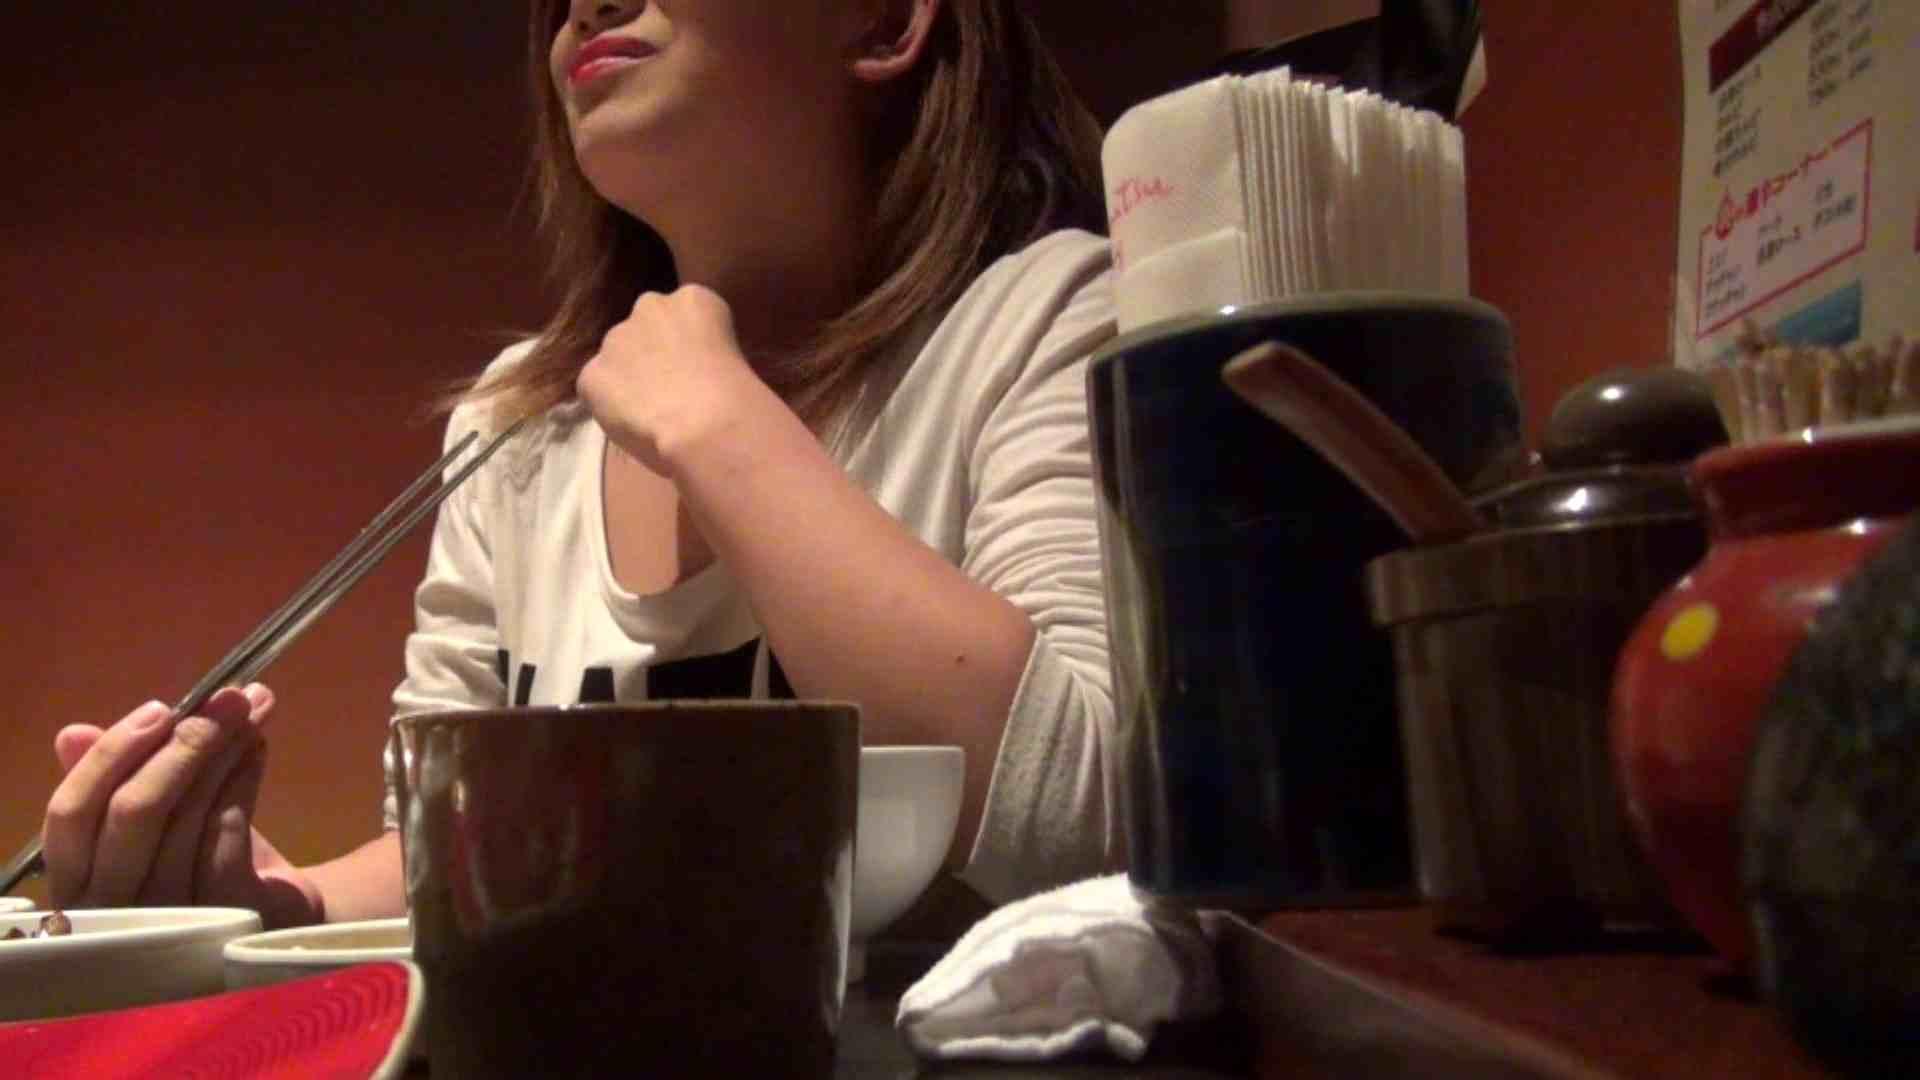 【出会い01】大助さんMちゃんと食事会 エッチすぎる友人   悪戯  54連発 31